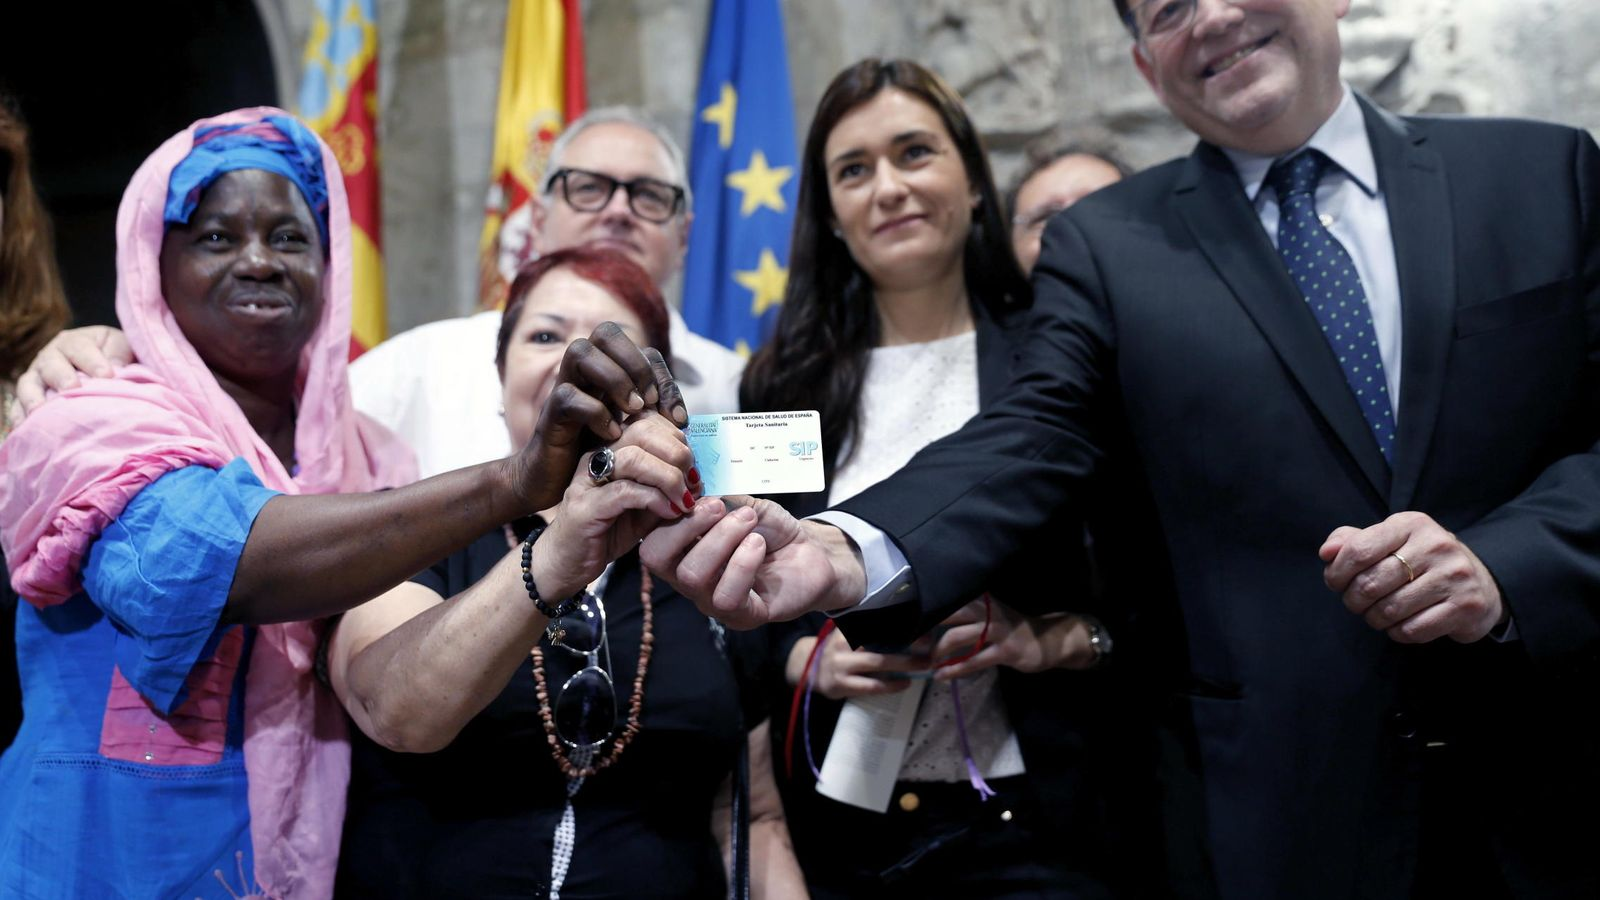 Foto: Puig presenta el Plan de Universalización de la Sanidad en la Comunitat Valenciana. (EFE)